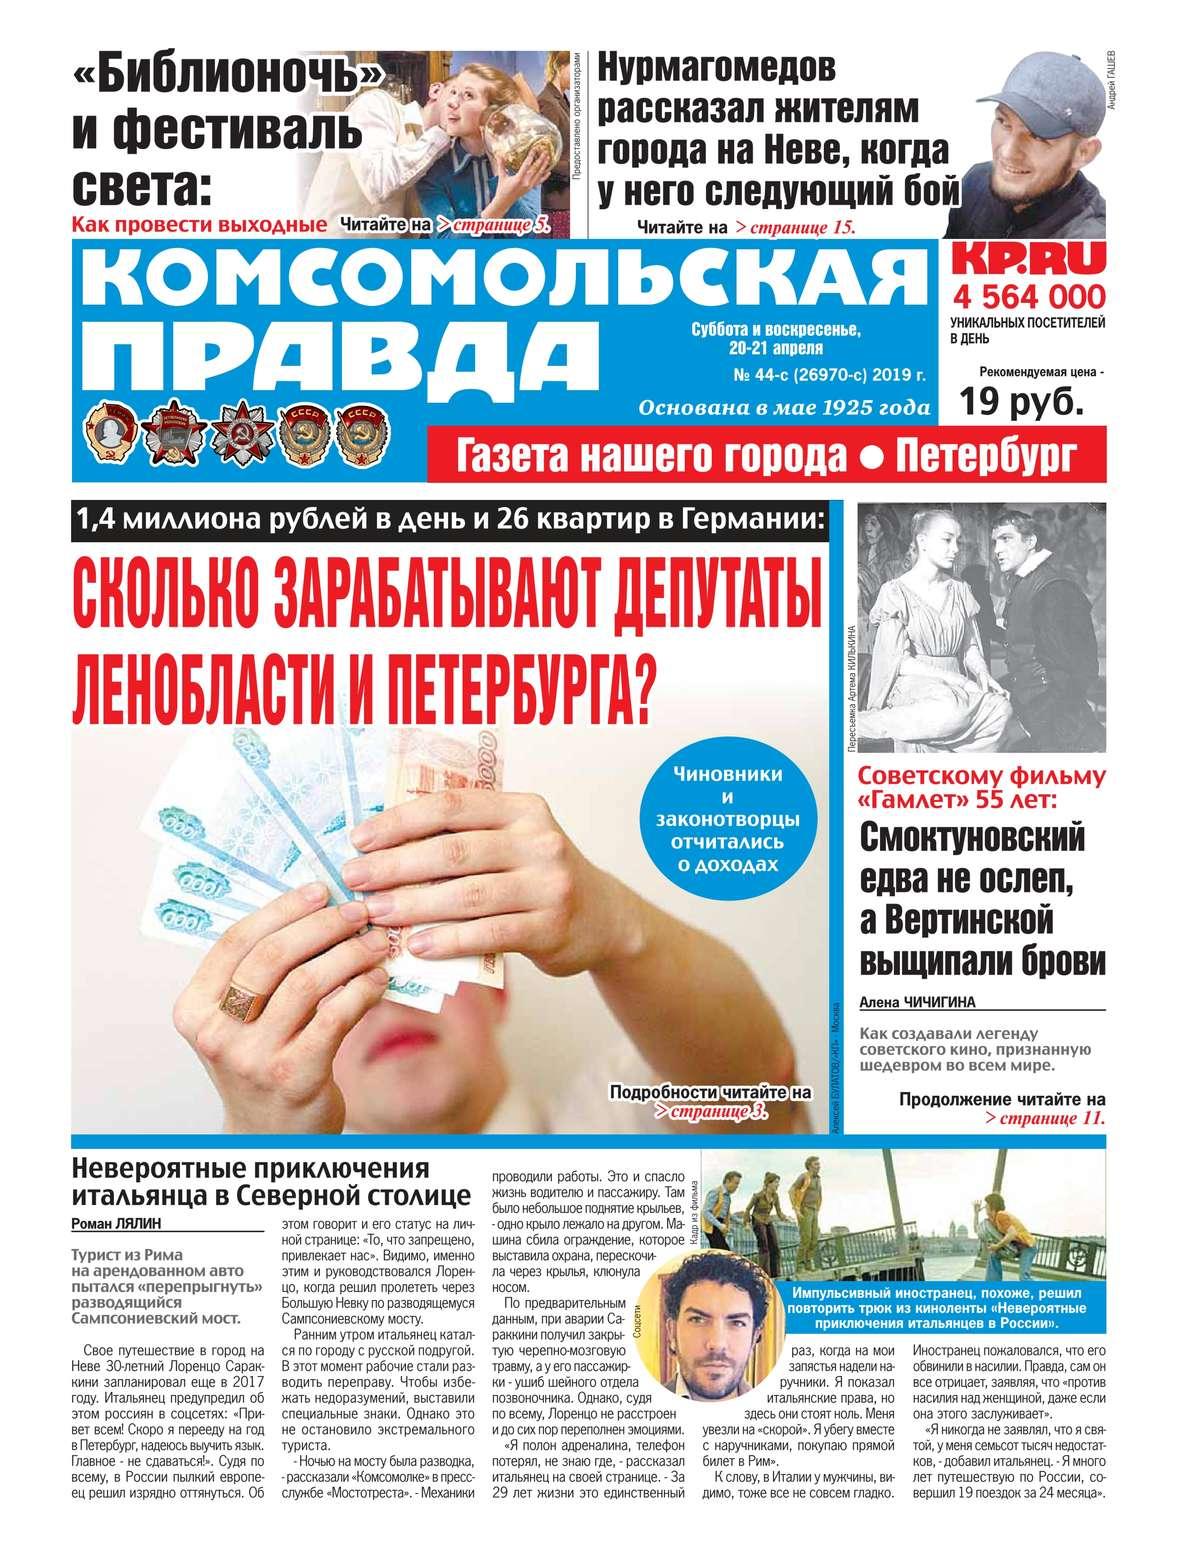 Комсомольская Правда. Санкт-Петербург 44с-2019